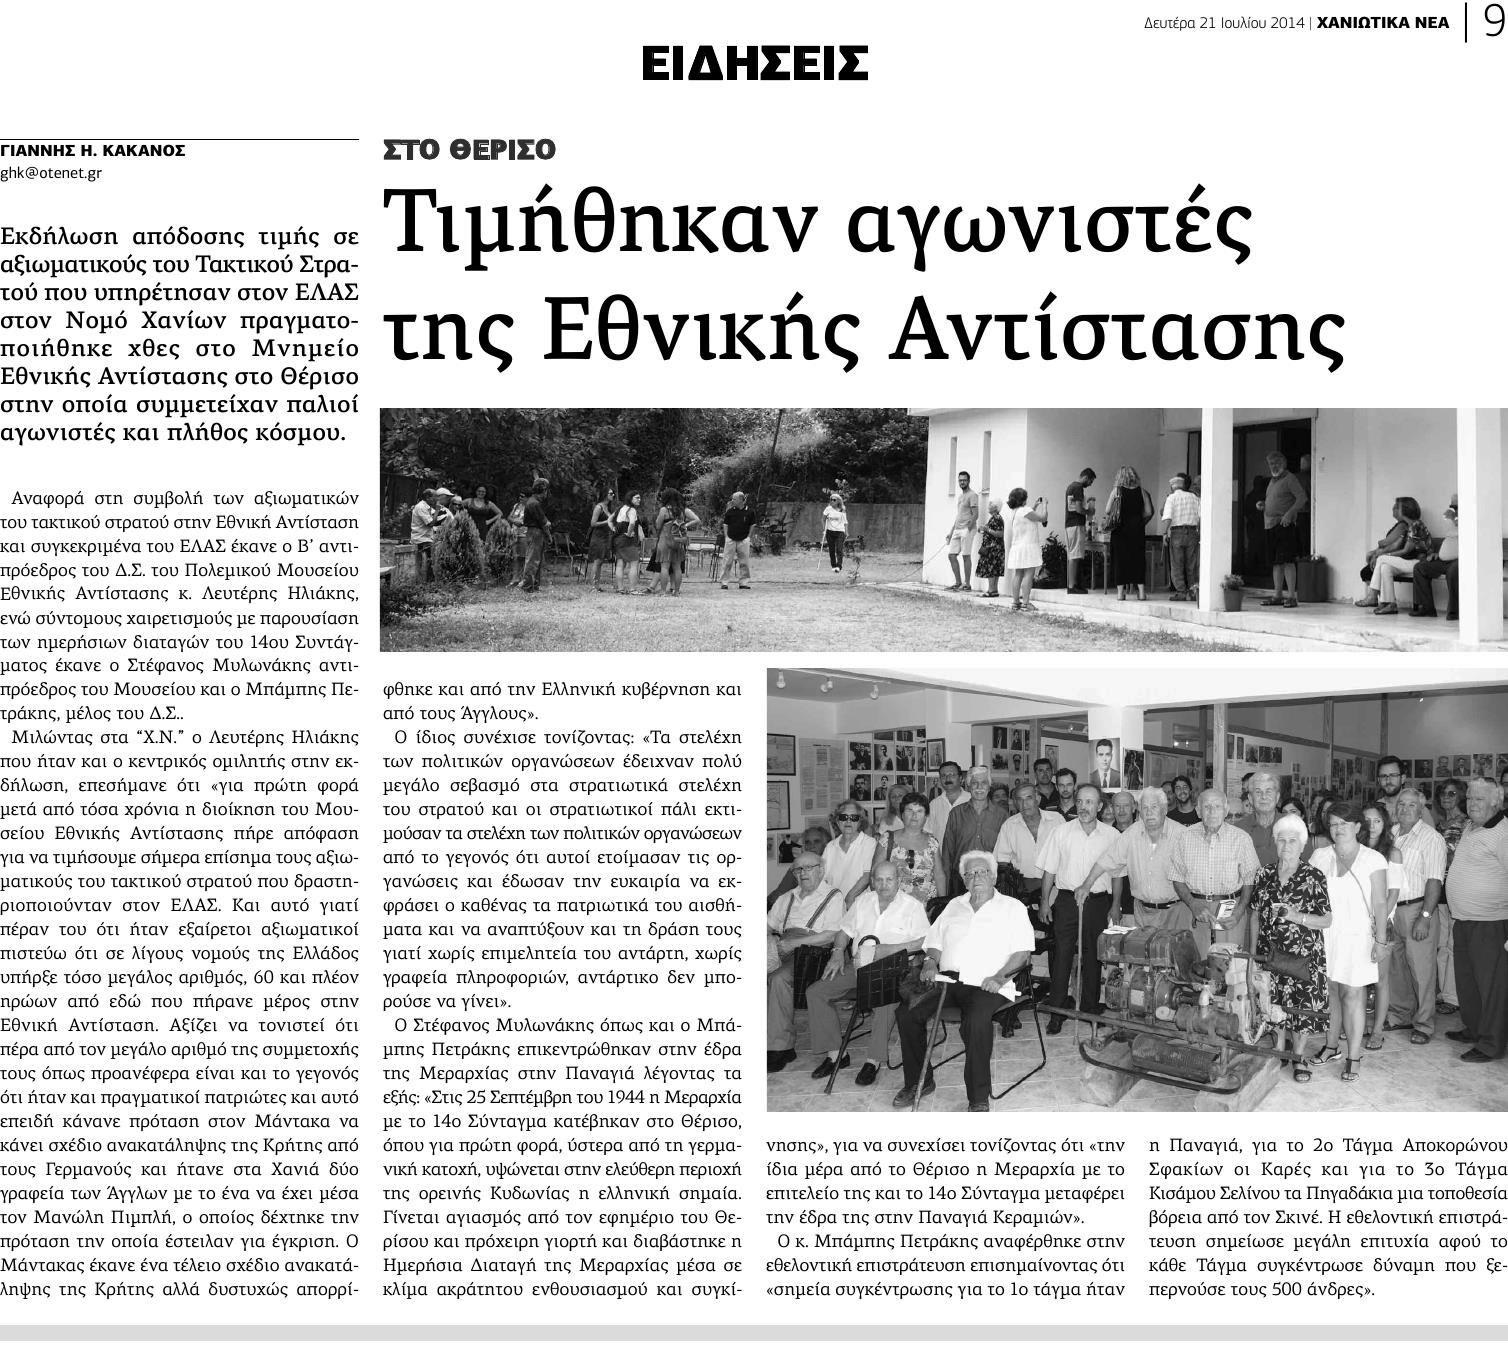 Εκδήλωση ΚΚΕ στο Θέσισο 09-20140721